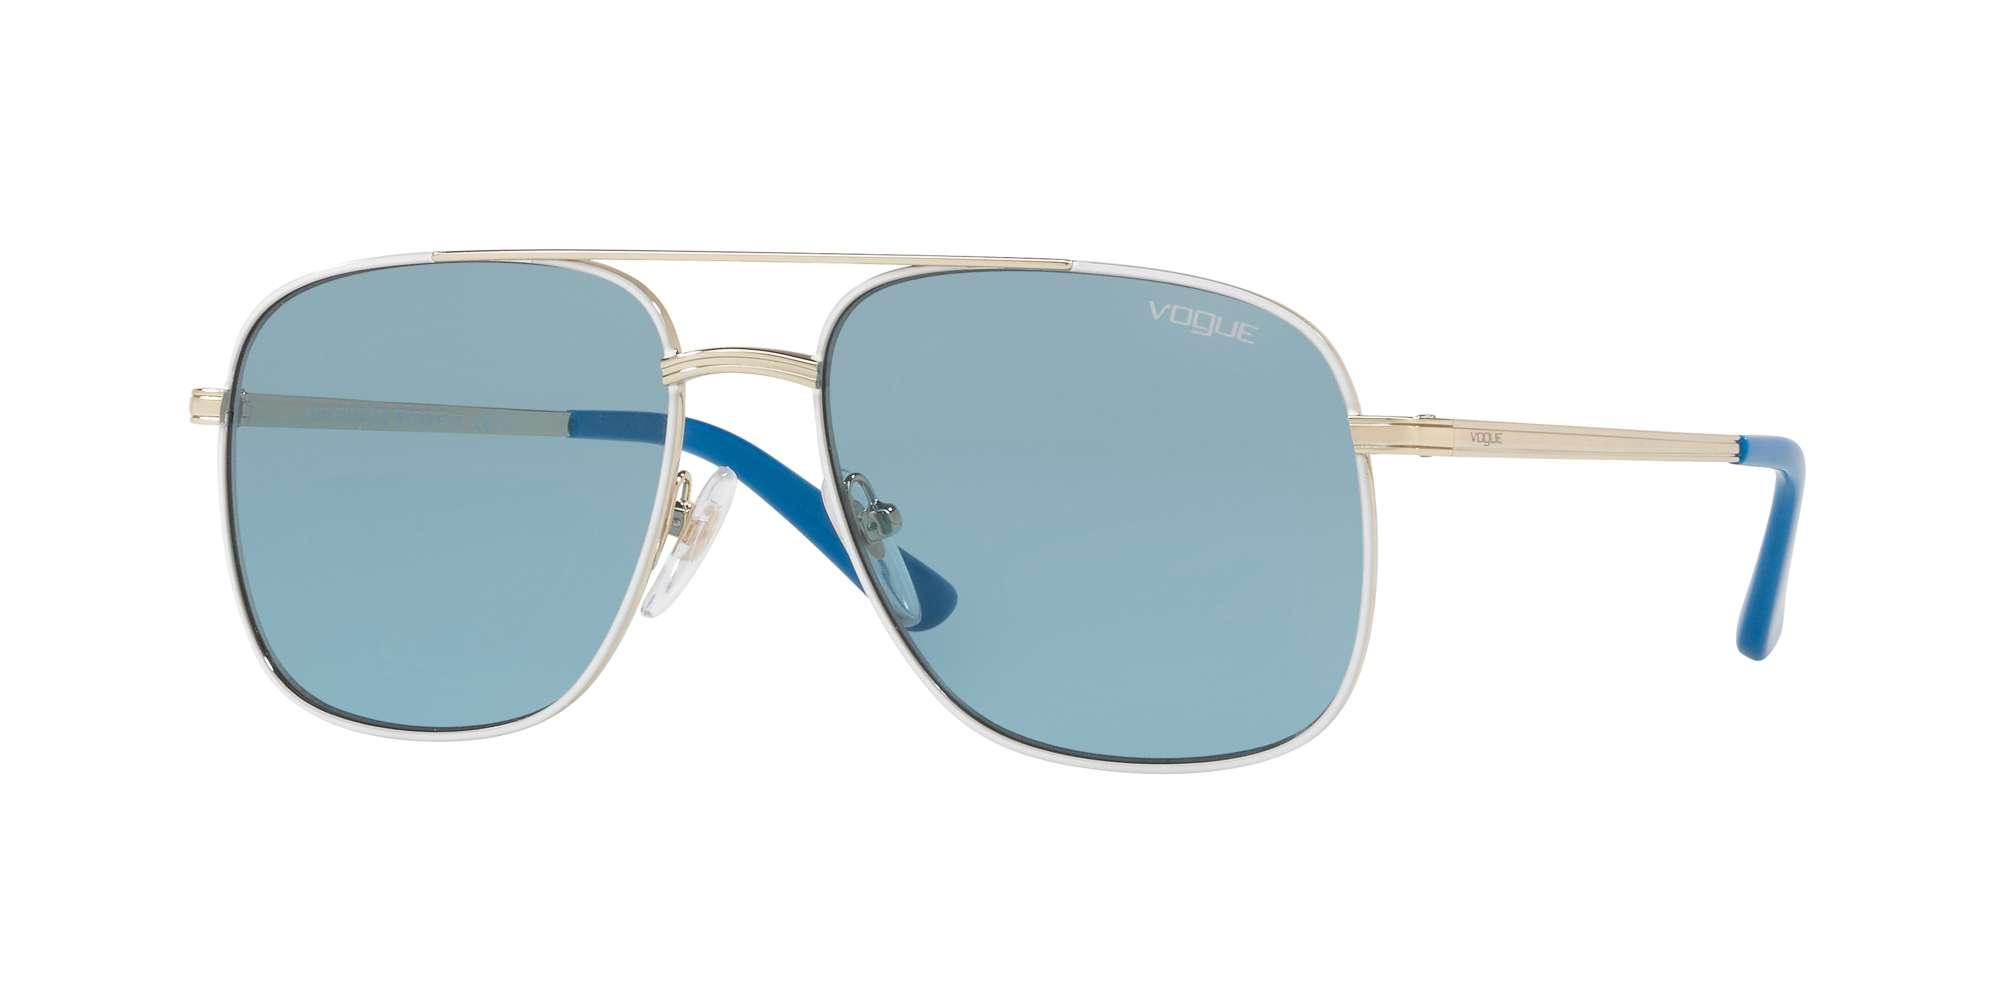 PALE GOLD/WHITE / BLUE lenses